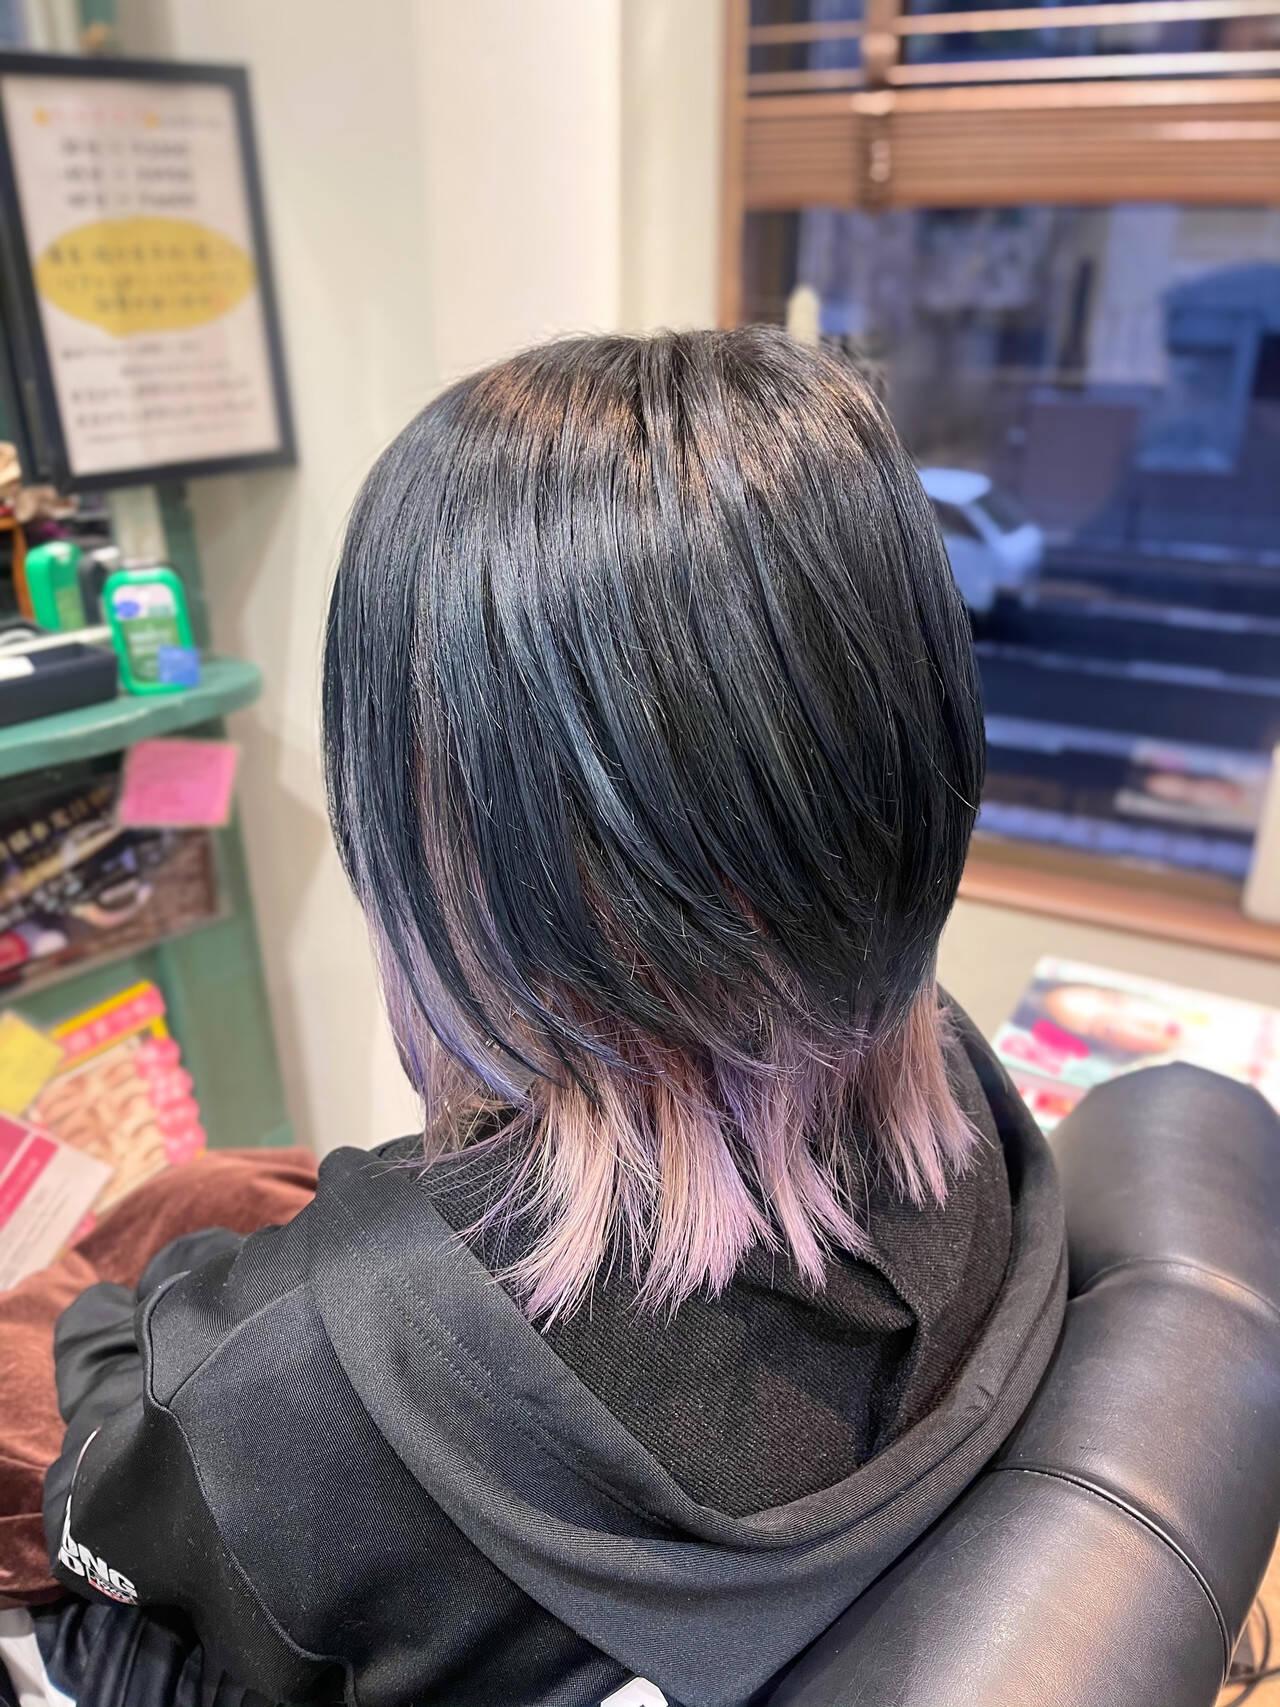 ウルフカット 暗髪 インナーカラーパープル ショートヘアスタイルや髪型の写真・画像